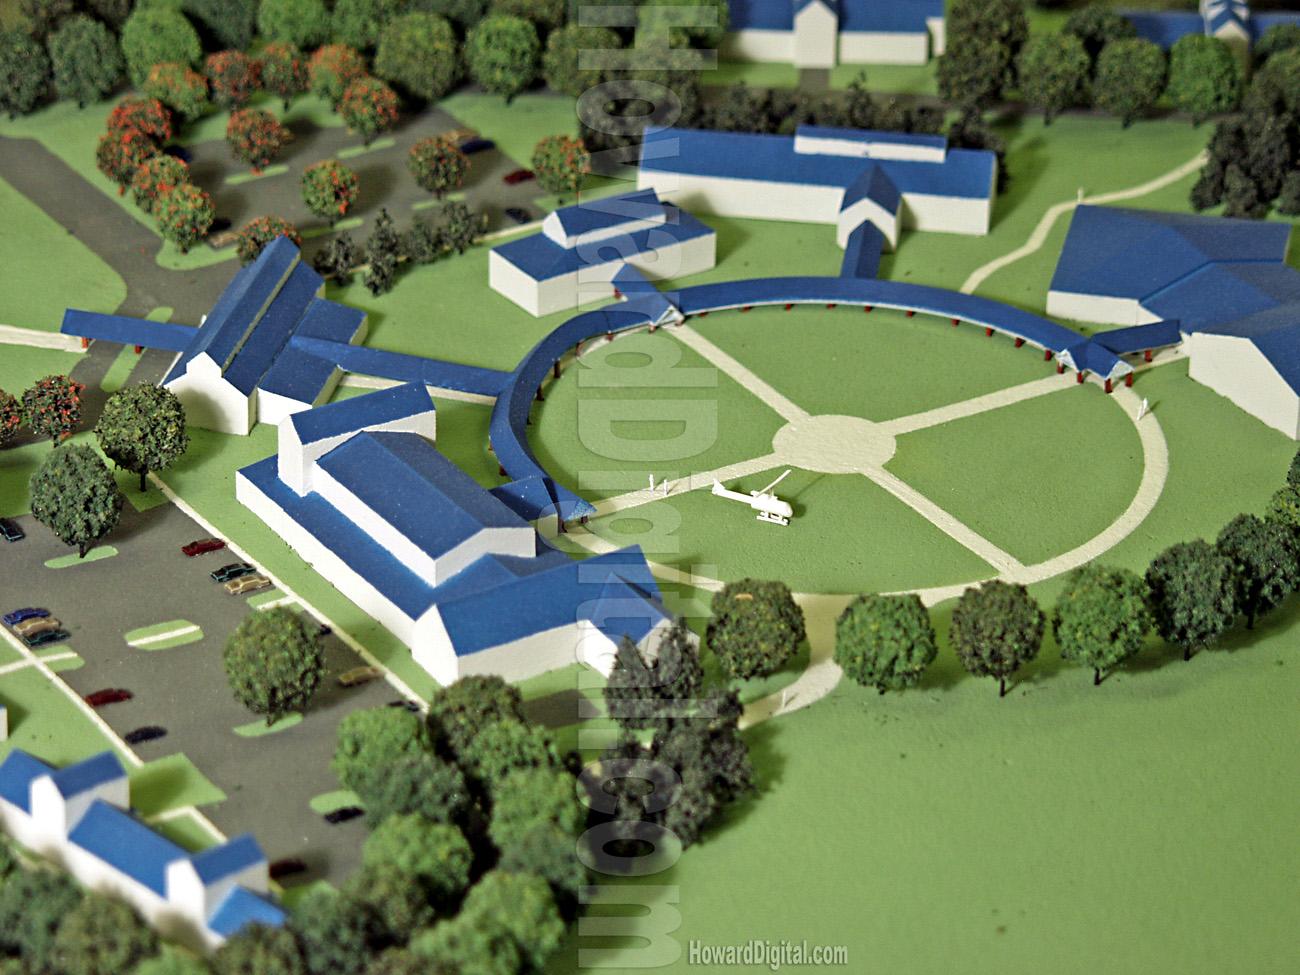 Landscape Model Camp Courageous Landscape Model Howard Models